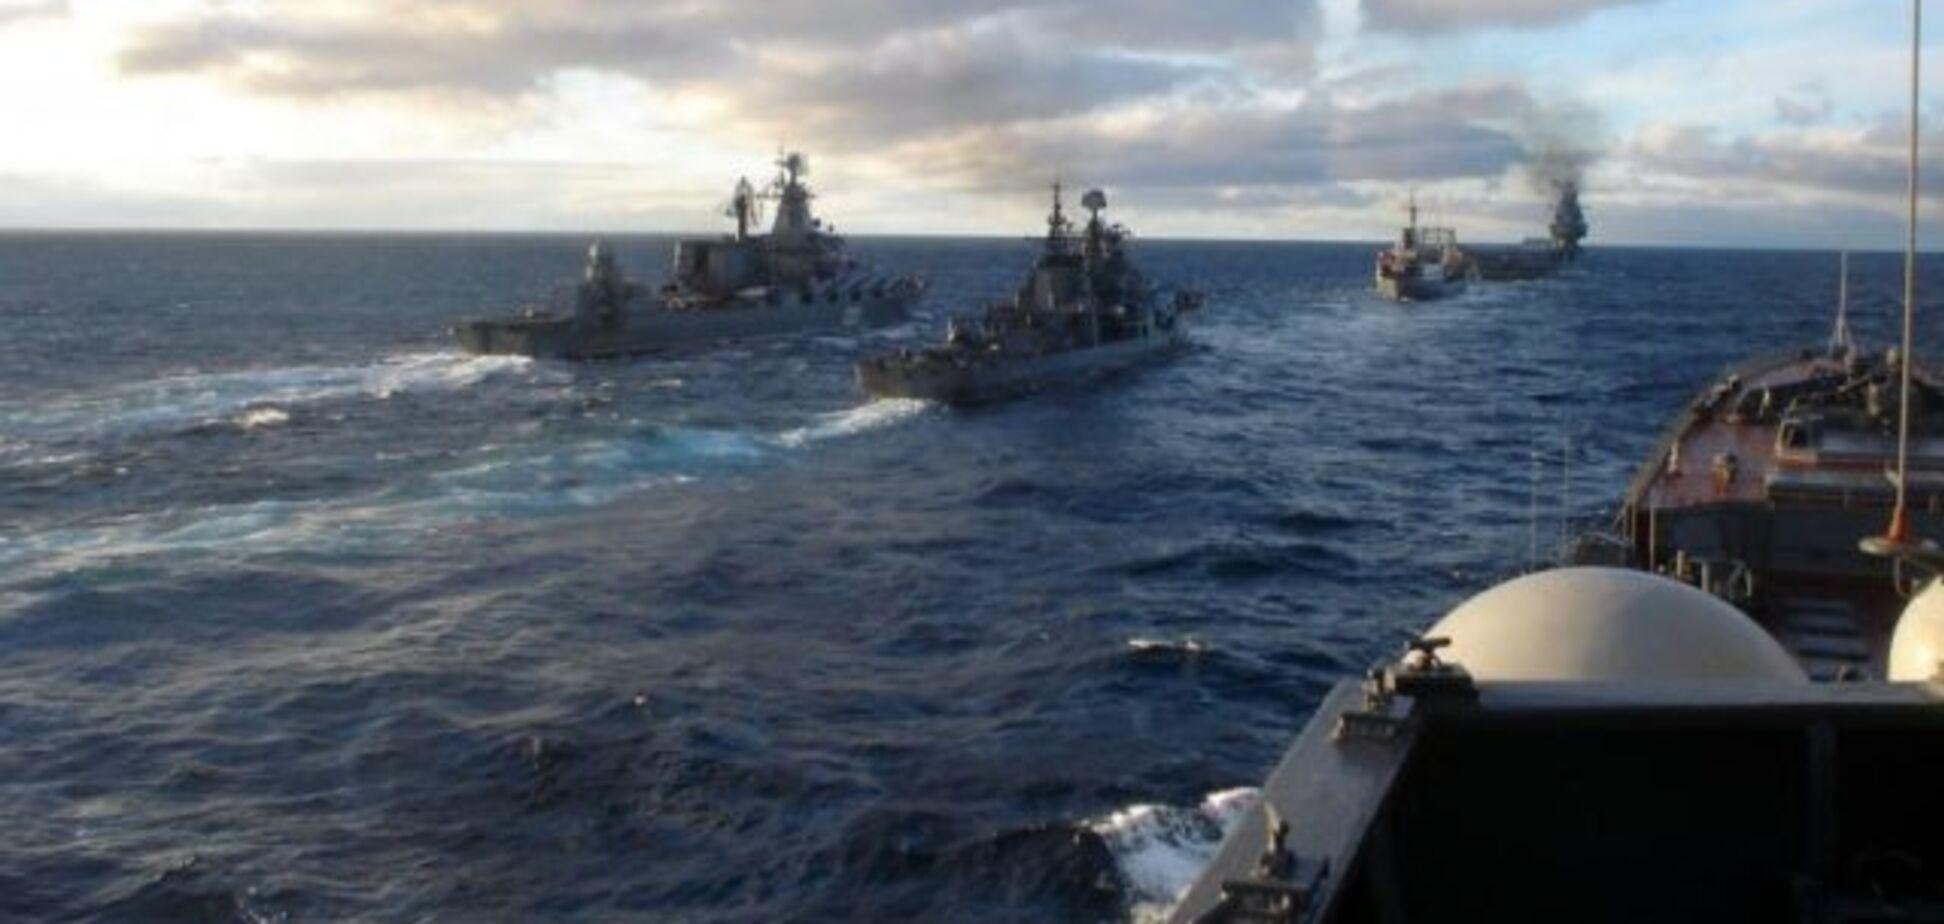 ''Медведев в панике орет!'' Появилась запись переговоров российских экипажей в Азовском и Черном морях